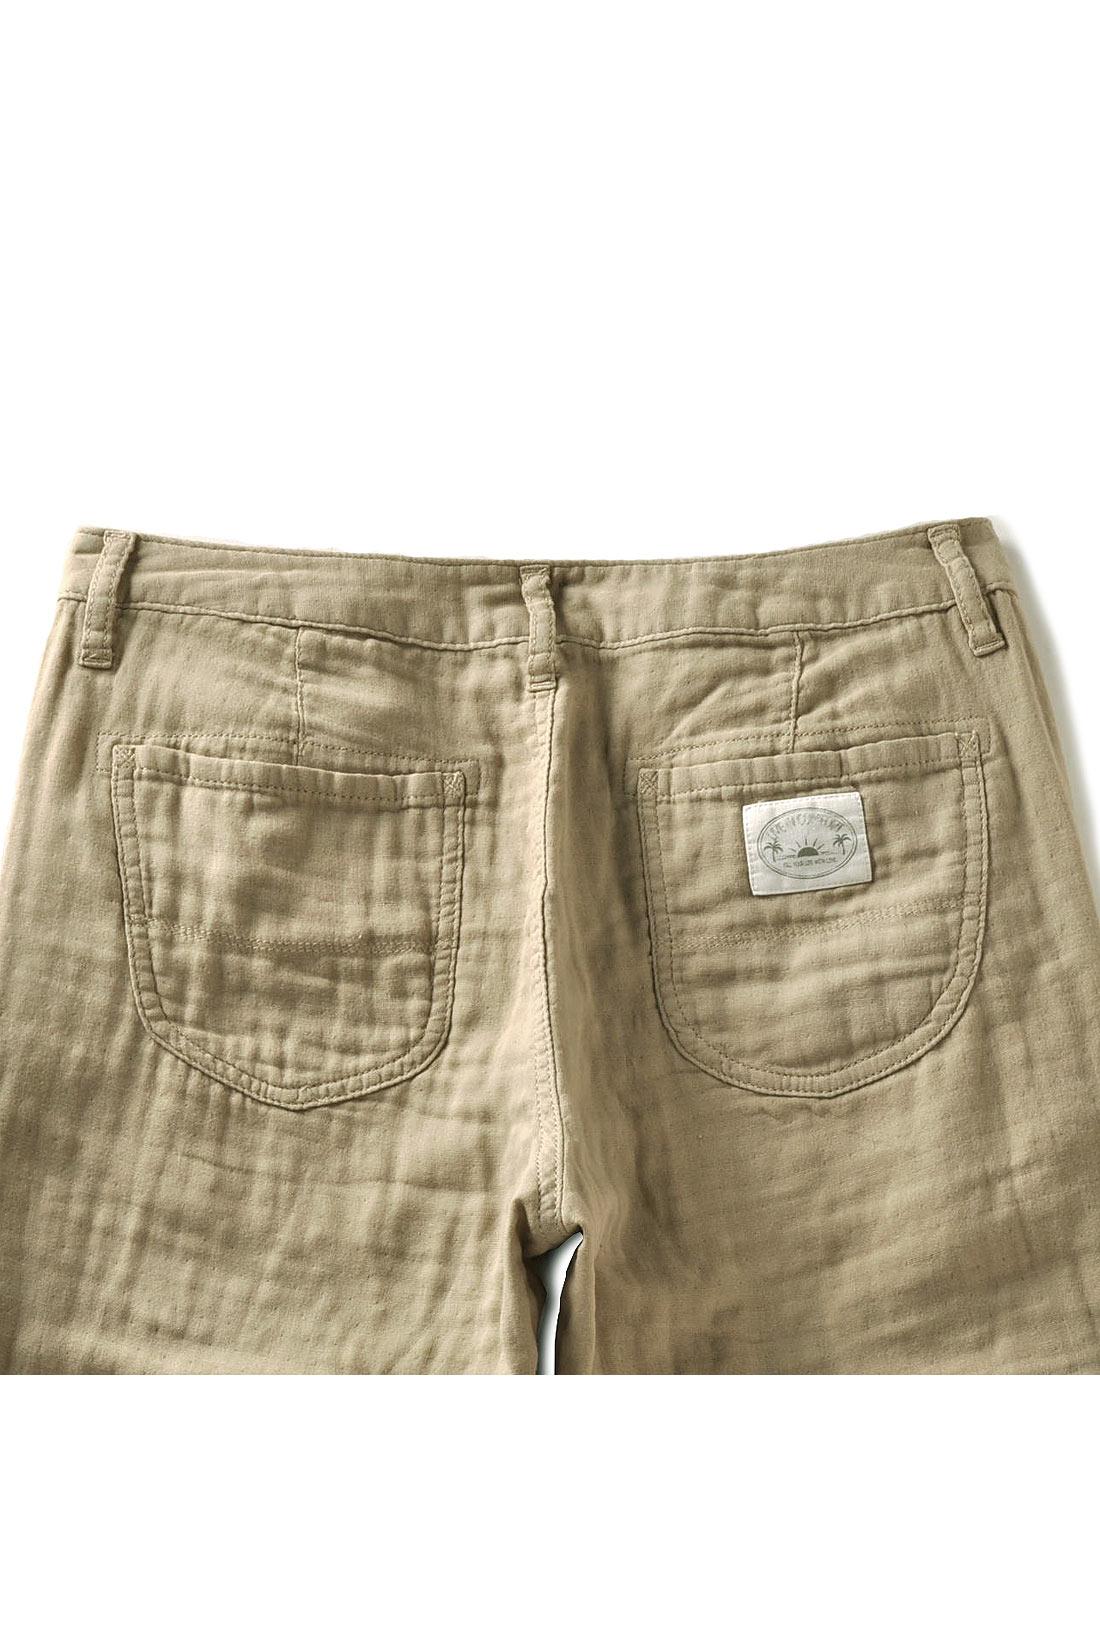 後ろポケットにはネームパッチ付き。